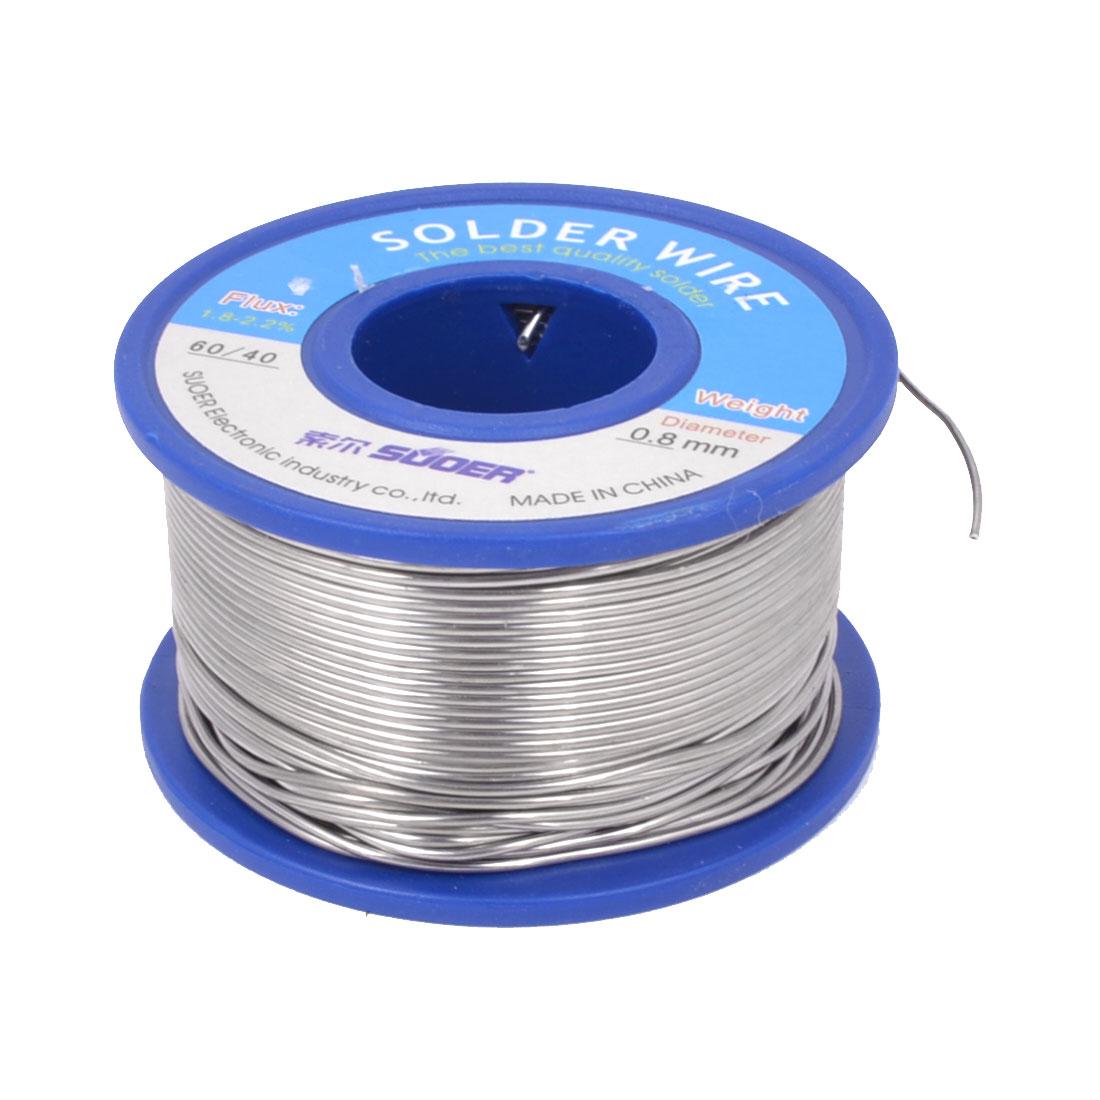 0.8mm 200g 60/40 Tin Lead 1.8-2.2% Flux Solder Core Wire Soldering Welding Rosin Reel Spool